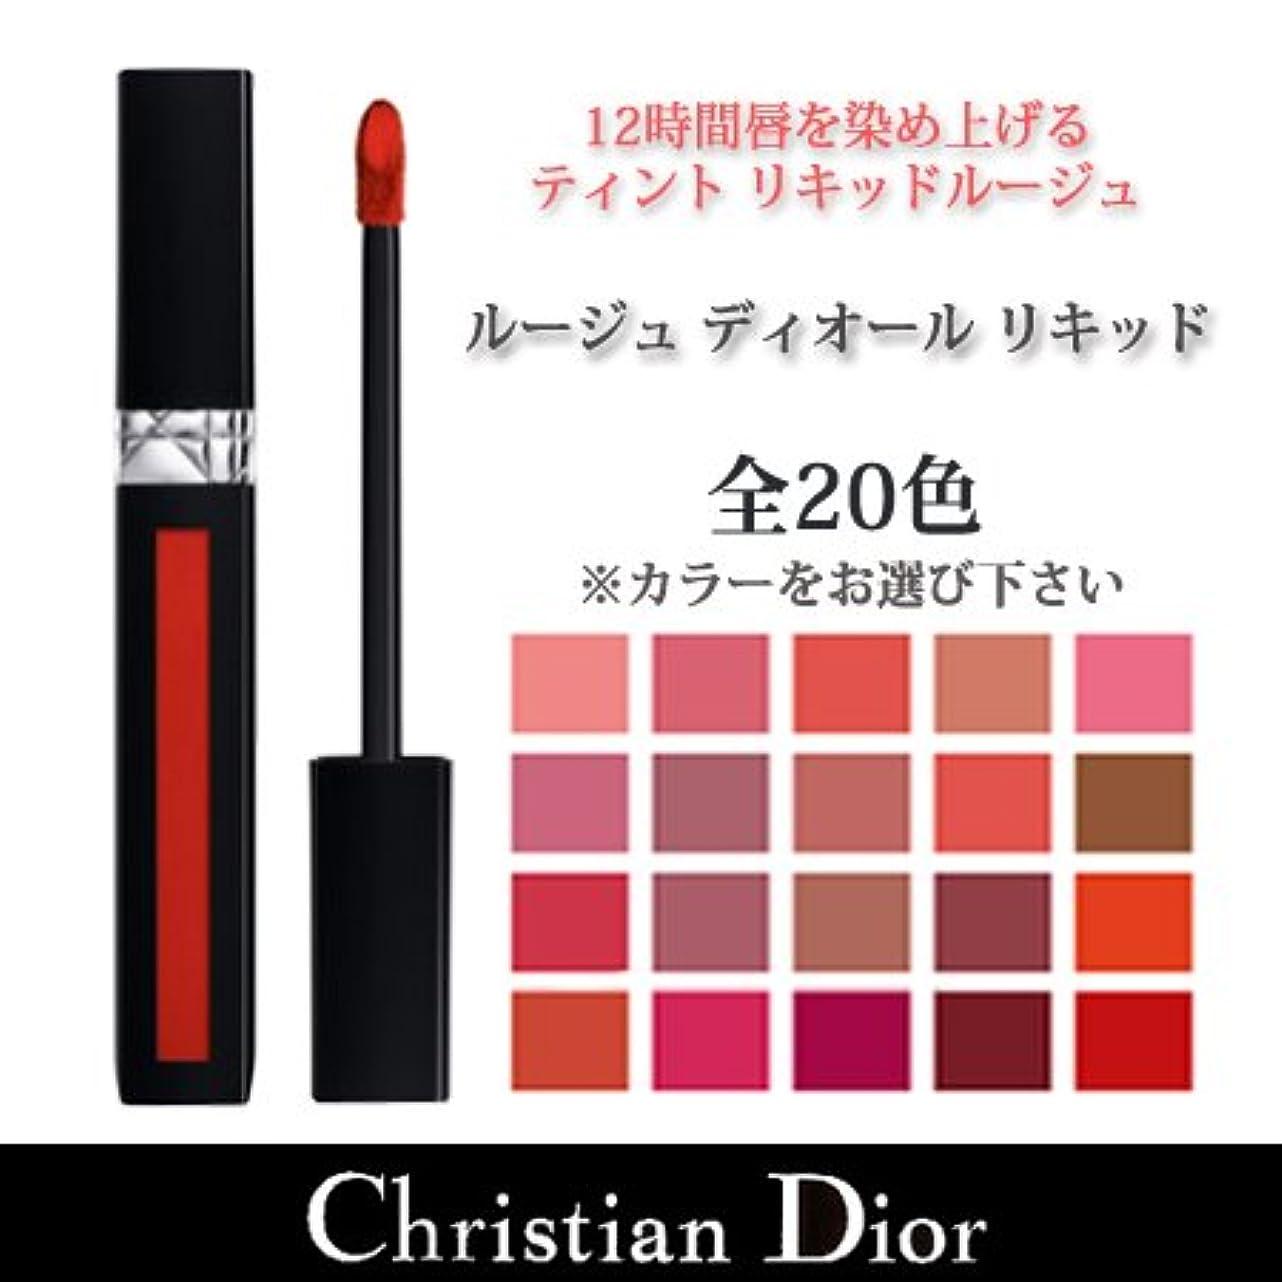 埋め込む夢中定期的にディオール ルージュ ディオール リキッド 全20色 -Dior- 614